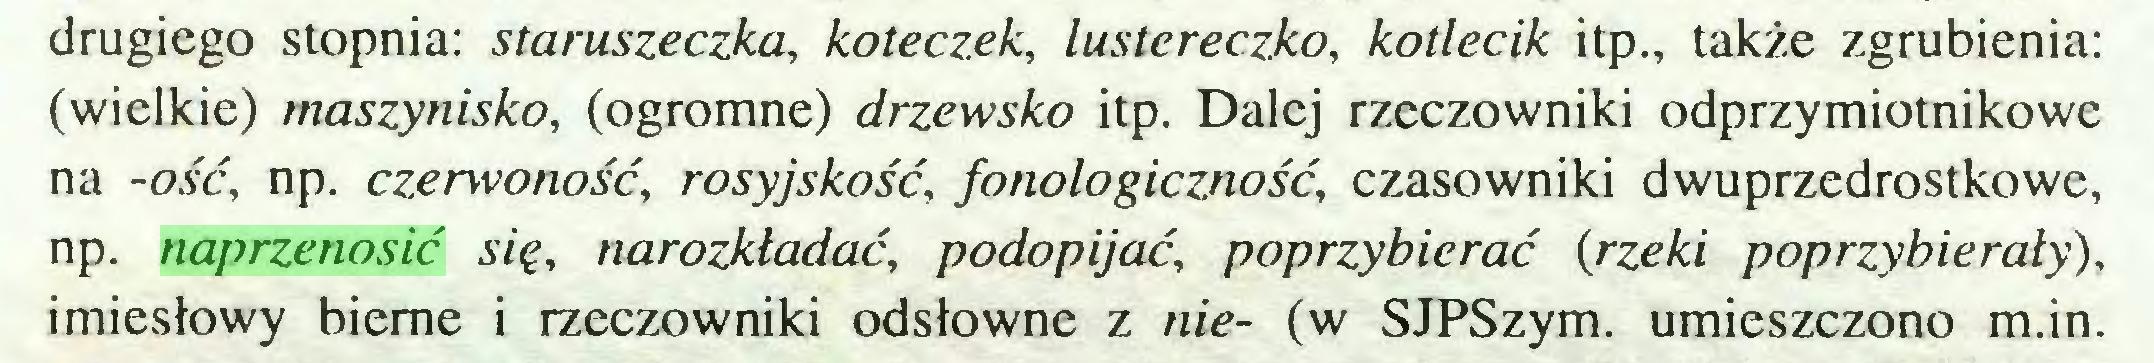 (...) drugiego stopnia: staruszeczka, koteczek, lustereczko, kotlecik itp., także zgrubienia: (wielkie) maszynisko, (ogromne) drzewsko itp. Dalej rzeczowniki odprzymiotnikowe na -ość, np. czerwoność, rosyjskość, fonologiczność, czasowniki dwuprzedrostkowe, np. naprzenosić się, narozkładać, podopijać, poprzybierać {rzeki poprzybierały), imiesłowy bierne i rzeczowniki odsłowne z nie- (w SJPSzym. umieszczono m.in...